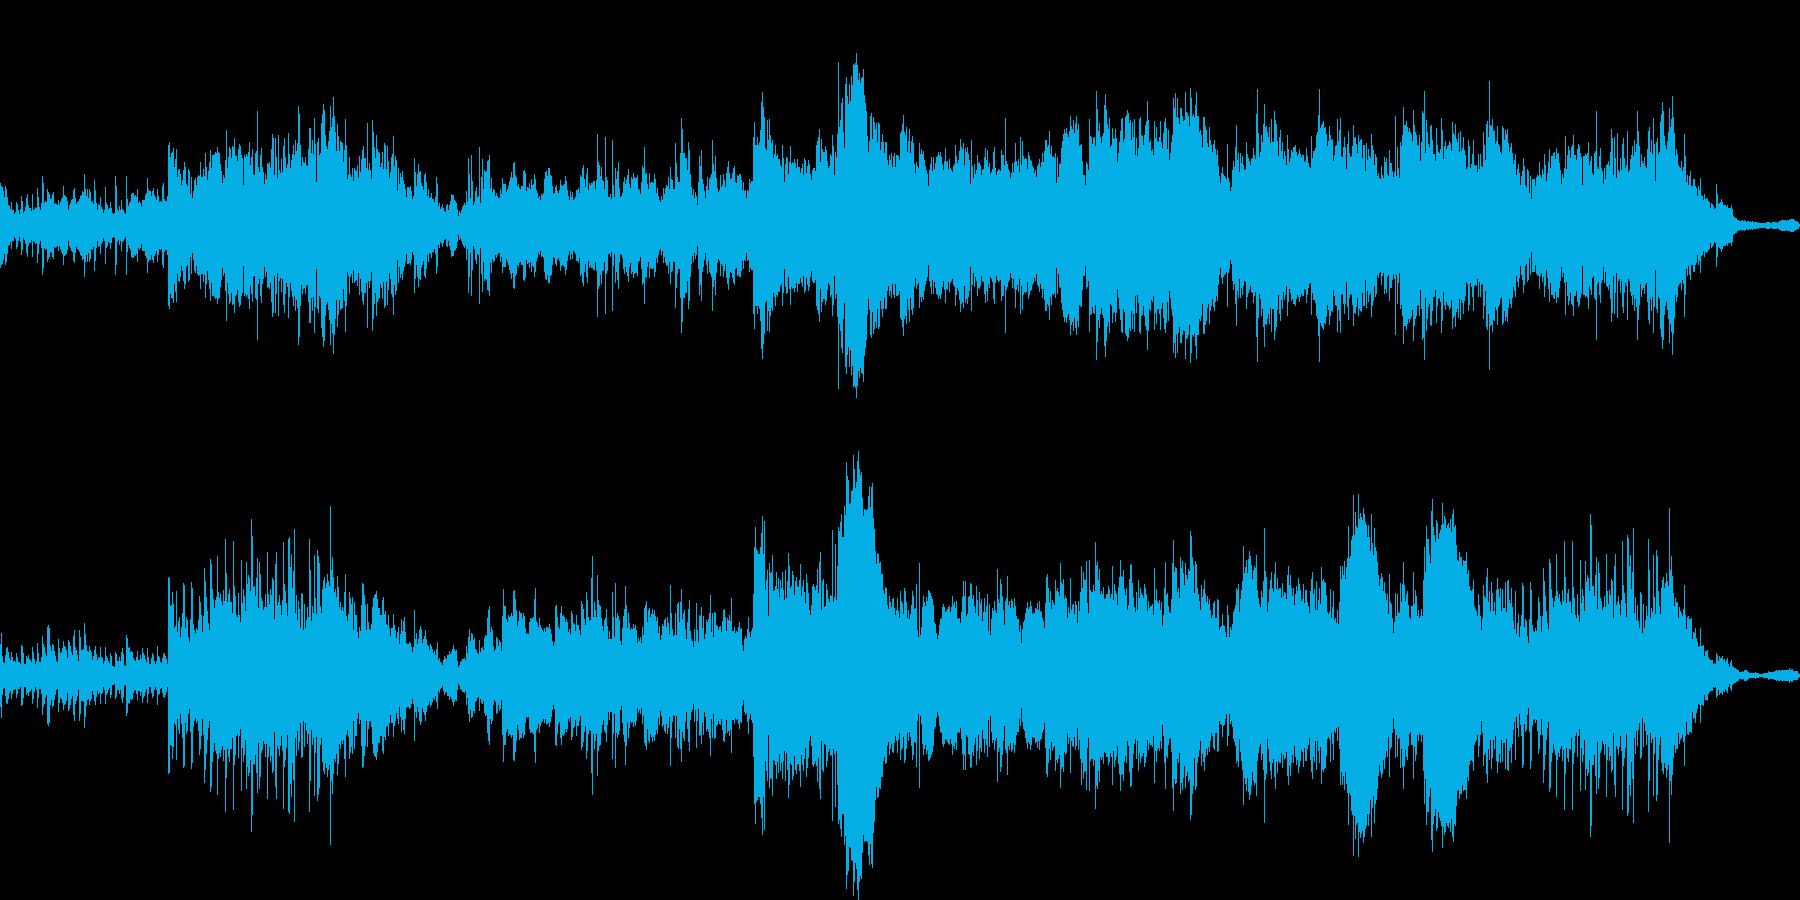 ファンタジックでメロディアスなポップスの再生済みの波形